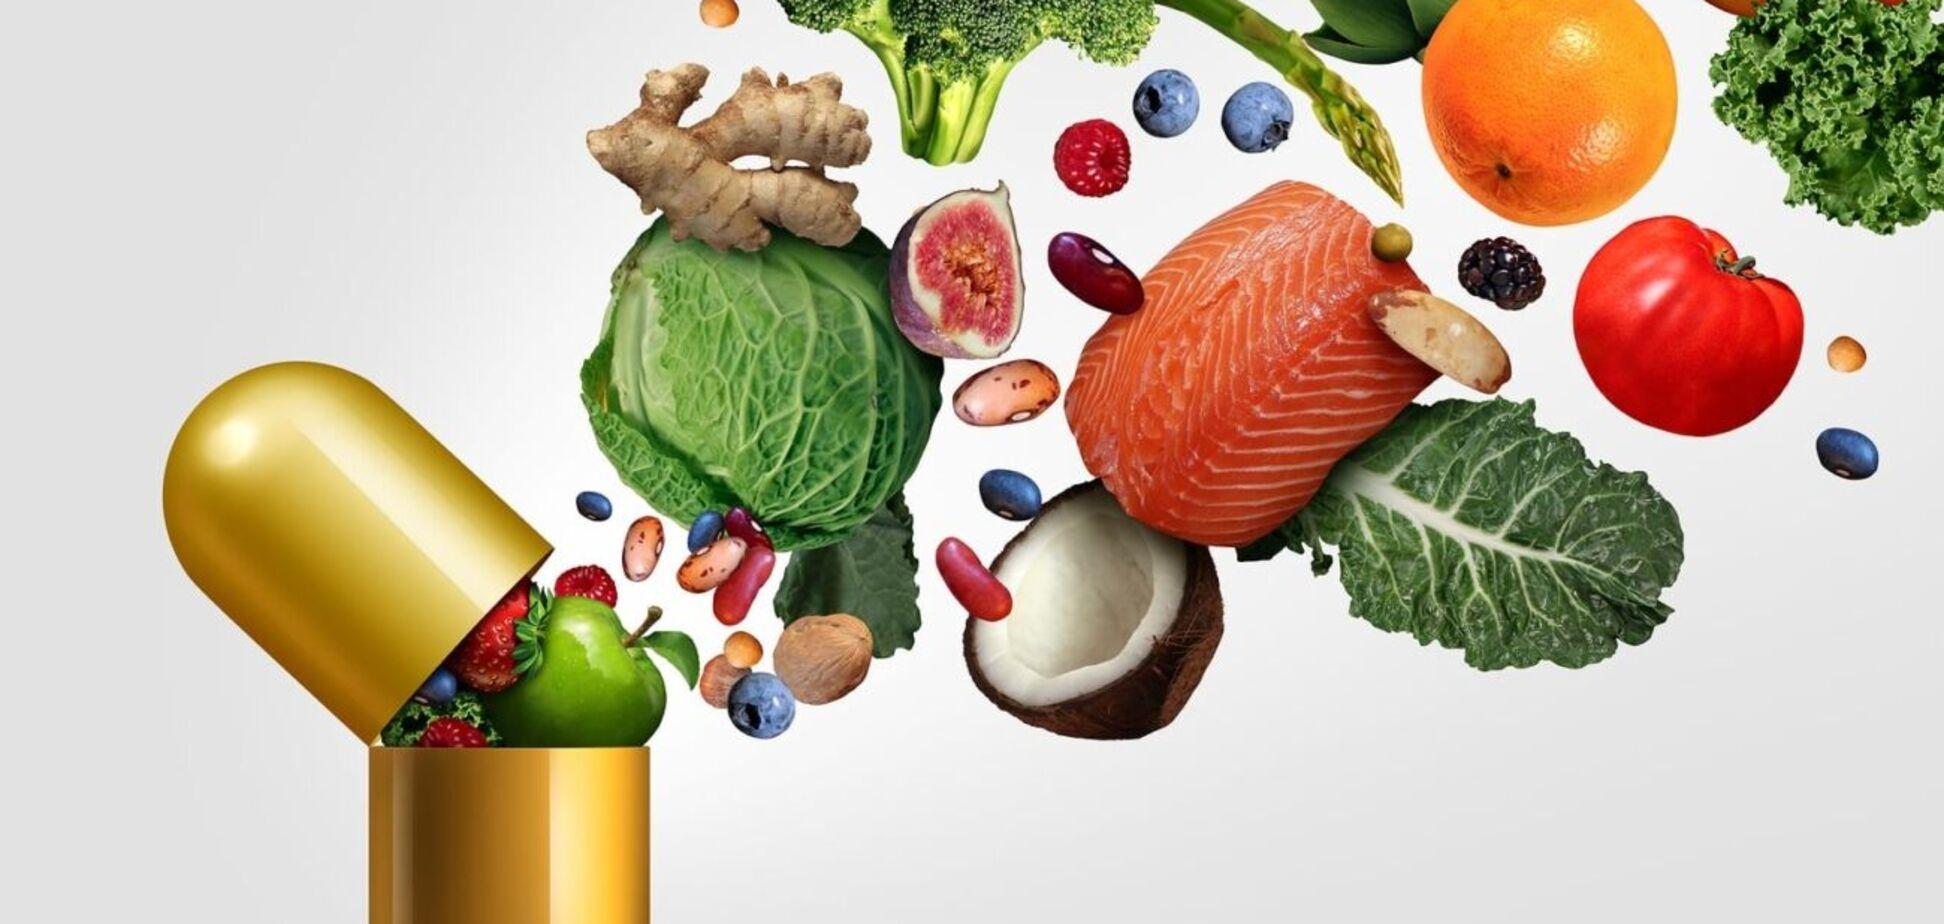 Найважливіші вітаміни осені: як зміцнити імунітет